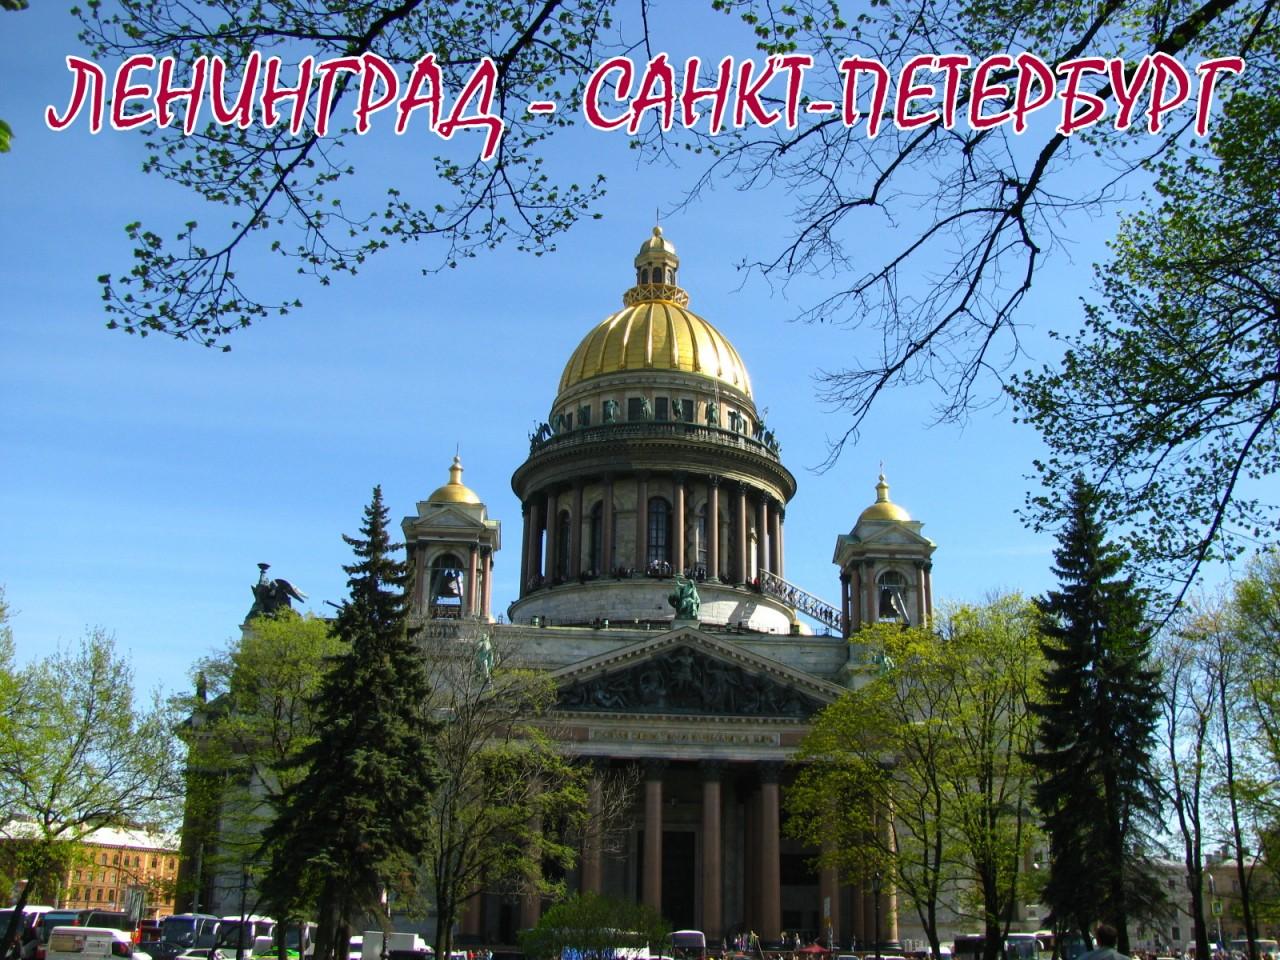 Путешествие, длиною в жизнь - 6: Ленинград, Санкт-Петербург